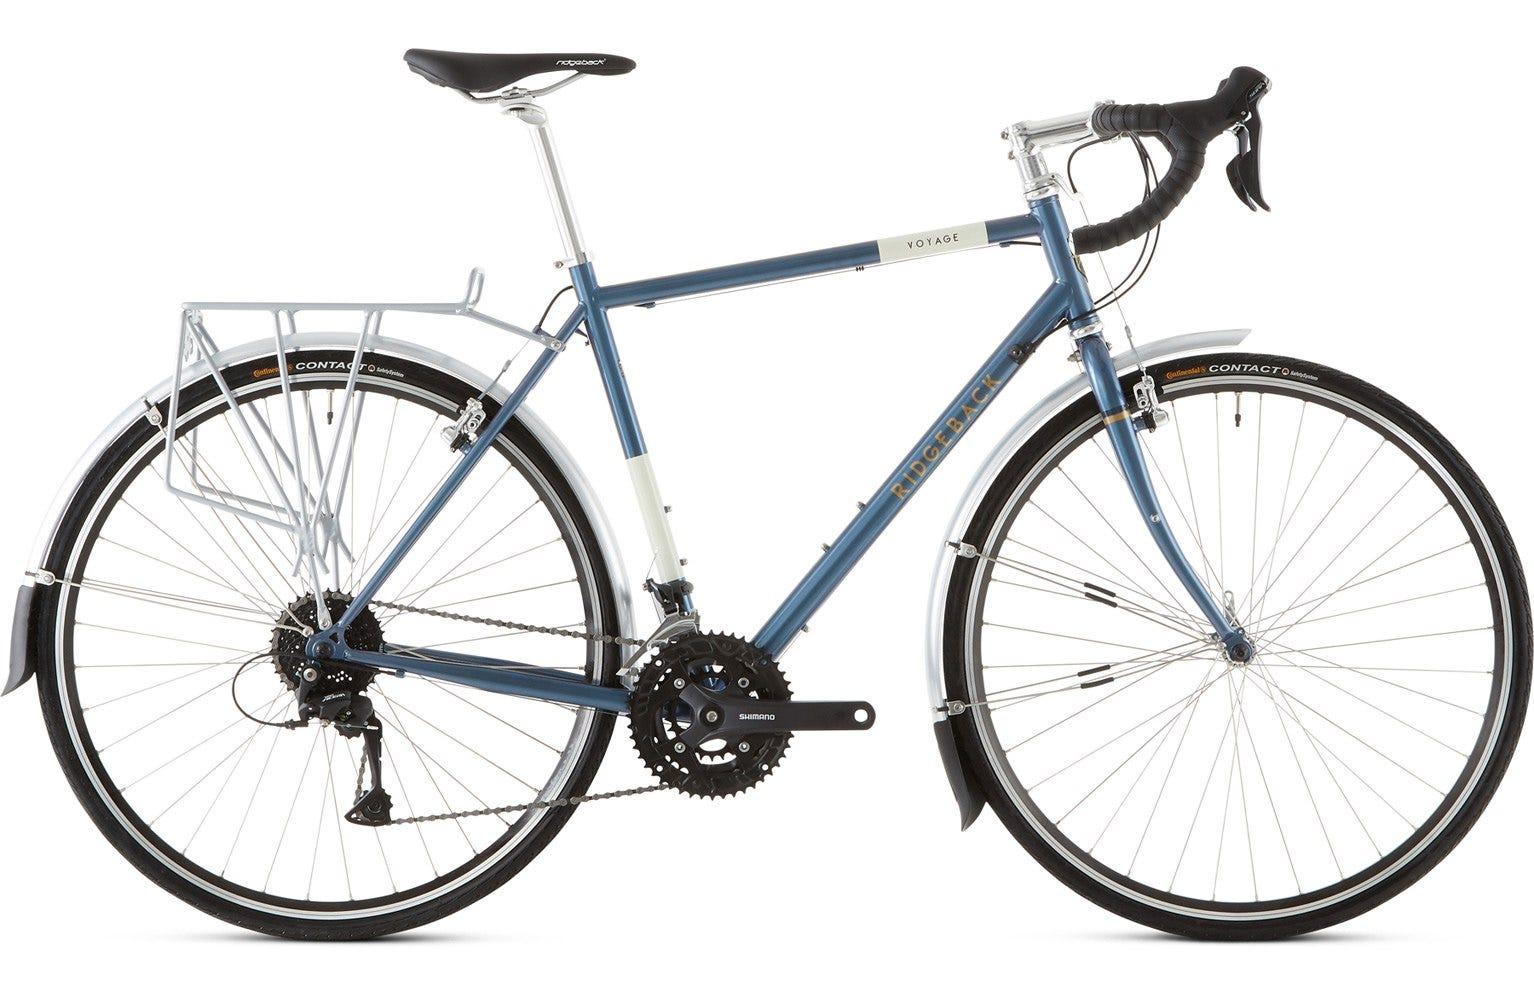 Ridgeback Voyage bike 2019